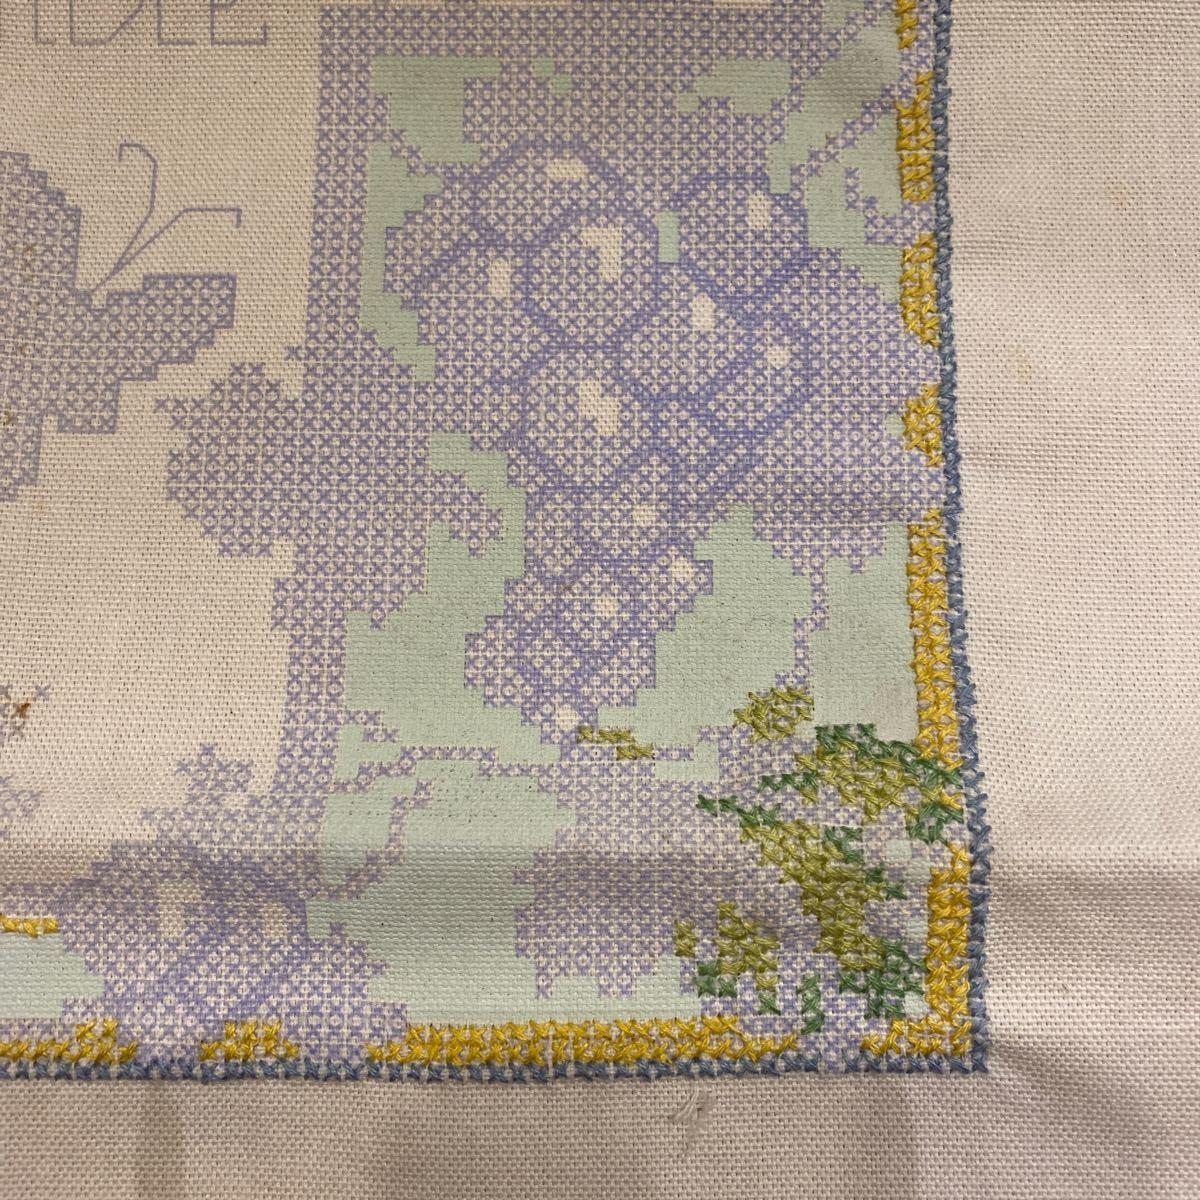 クロスステッチキット 刺繍キット 図案 アメリカで購入 ハンドメイド